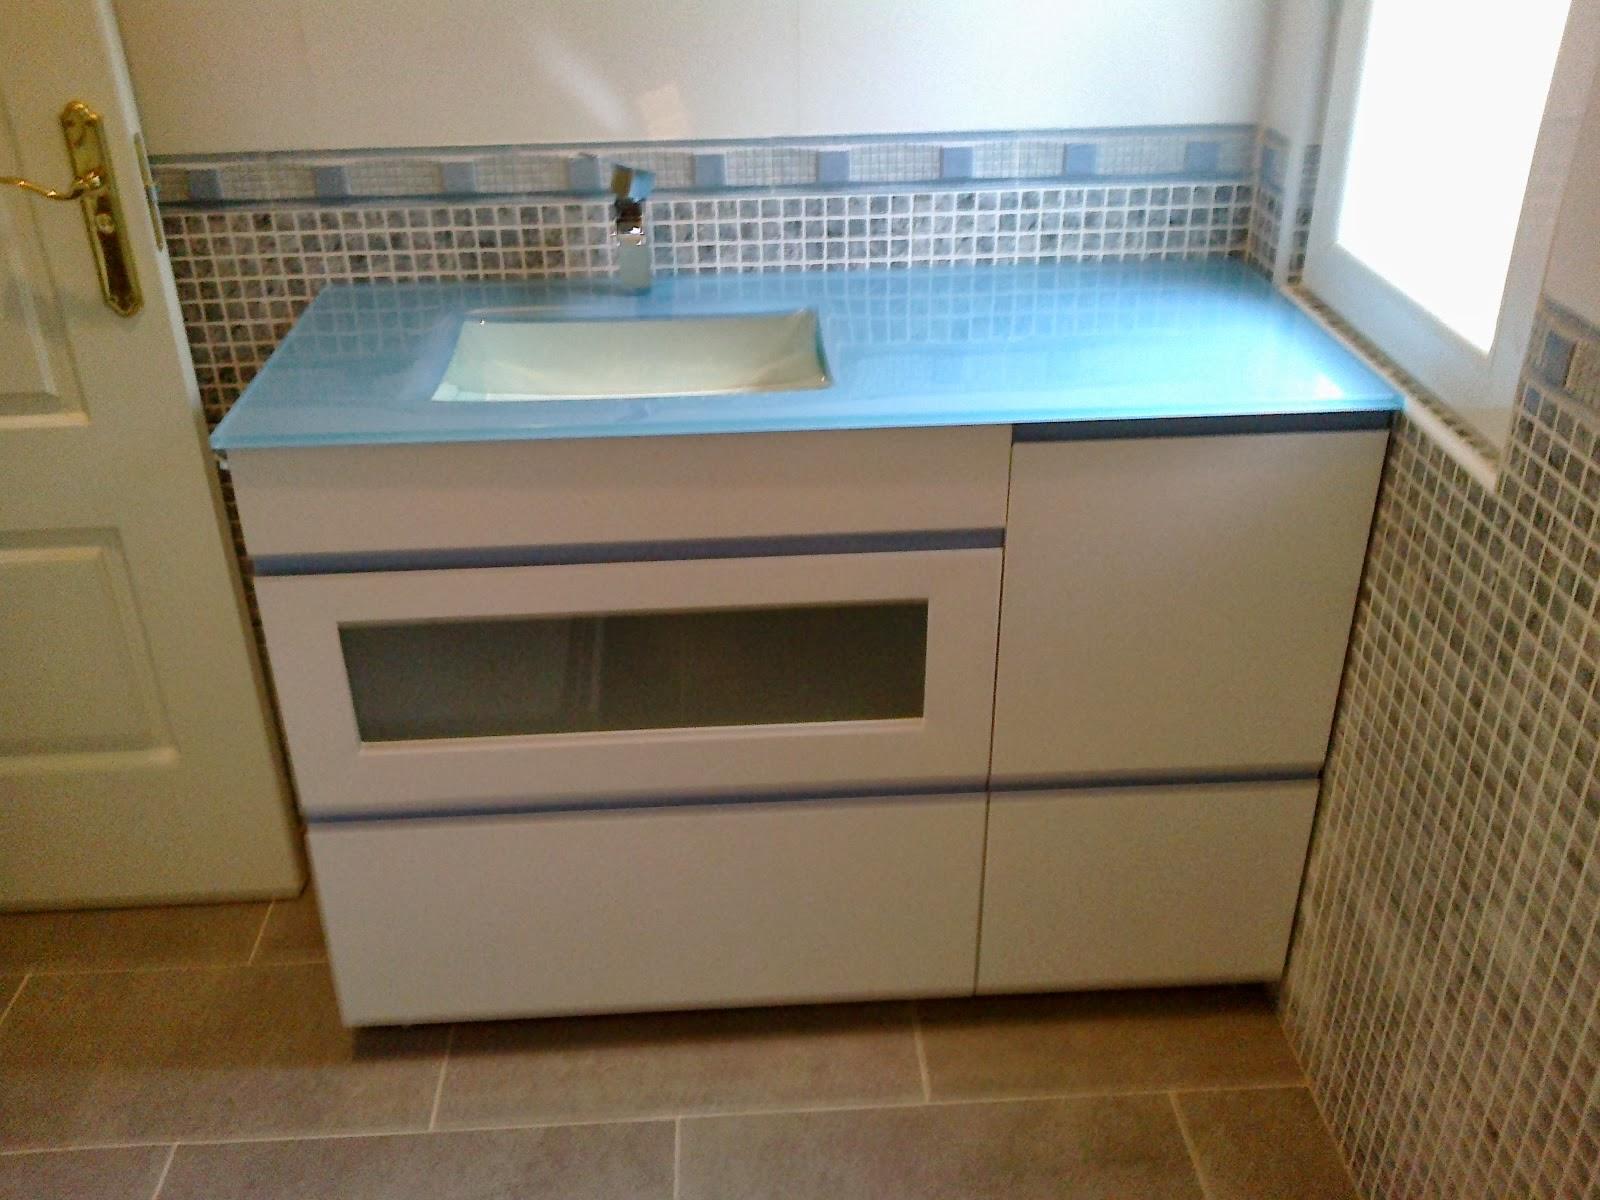 Baño Familiar Medidas: Gral Ricardos, 18 ( Madrid ): Muebles de baño a medida ya realizados